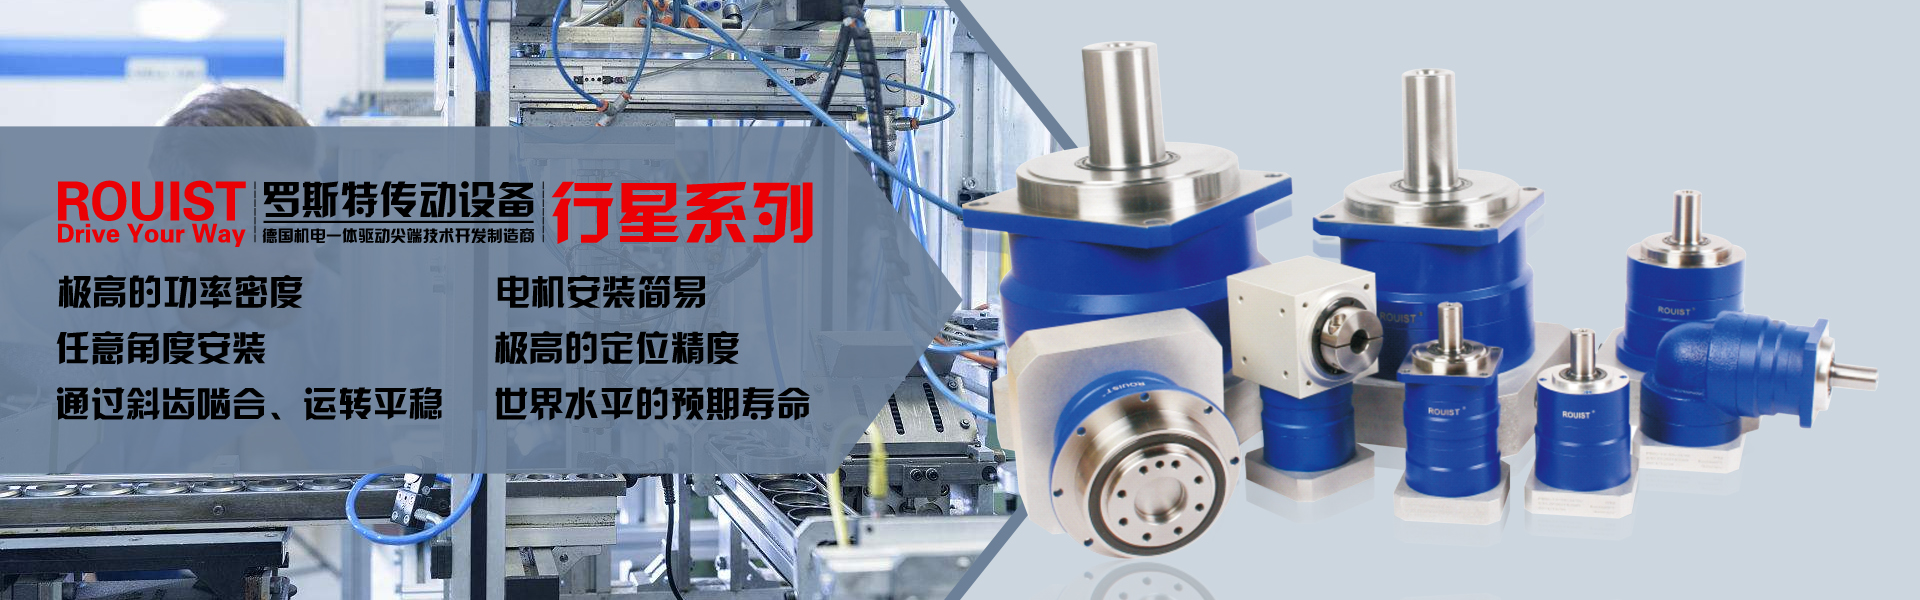 新世纪娱乐聚焦于中国产业主动化范畴,次要研发运营精细行星加速器调和波加速器。